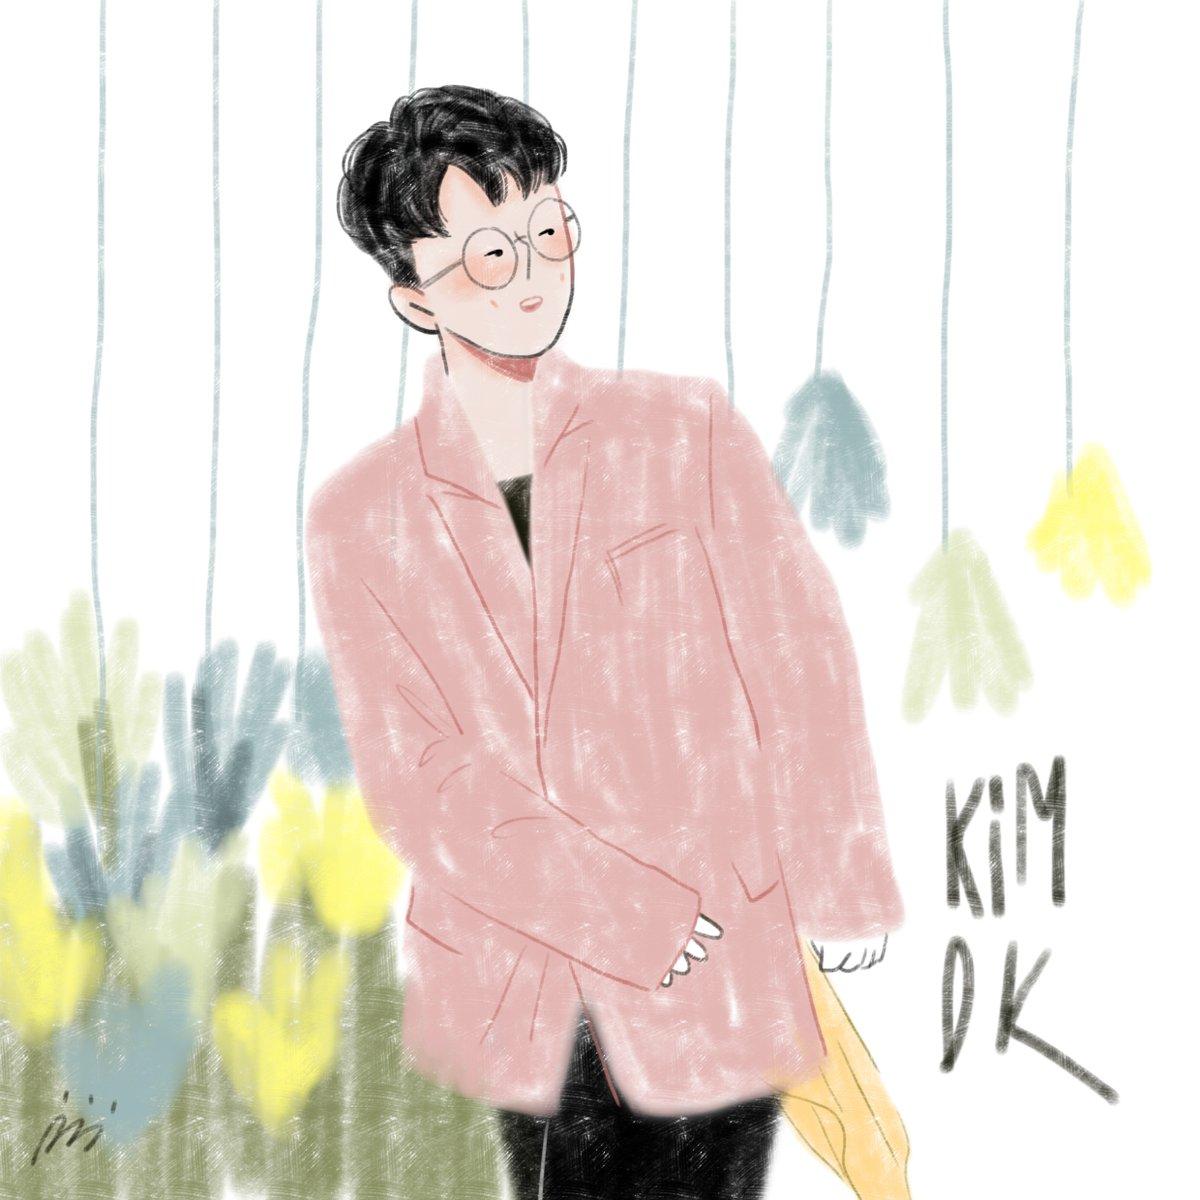 น้องคนนี้มีแฟนรึยังคะ #DK #DONGHYUK @D_dong_ii https://t.co/ts12ss3fMT